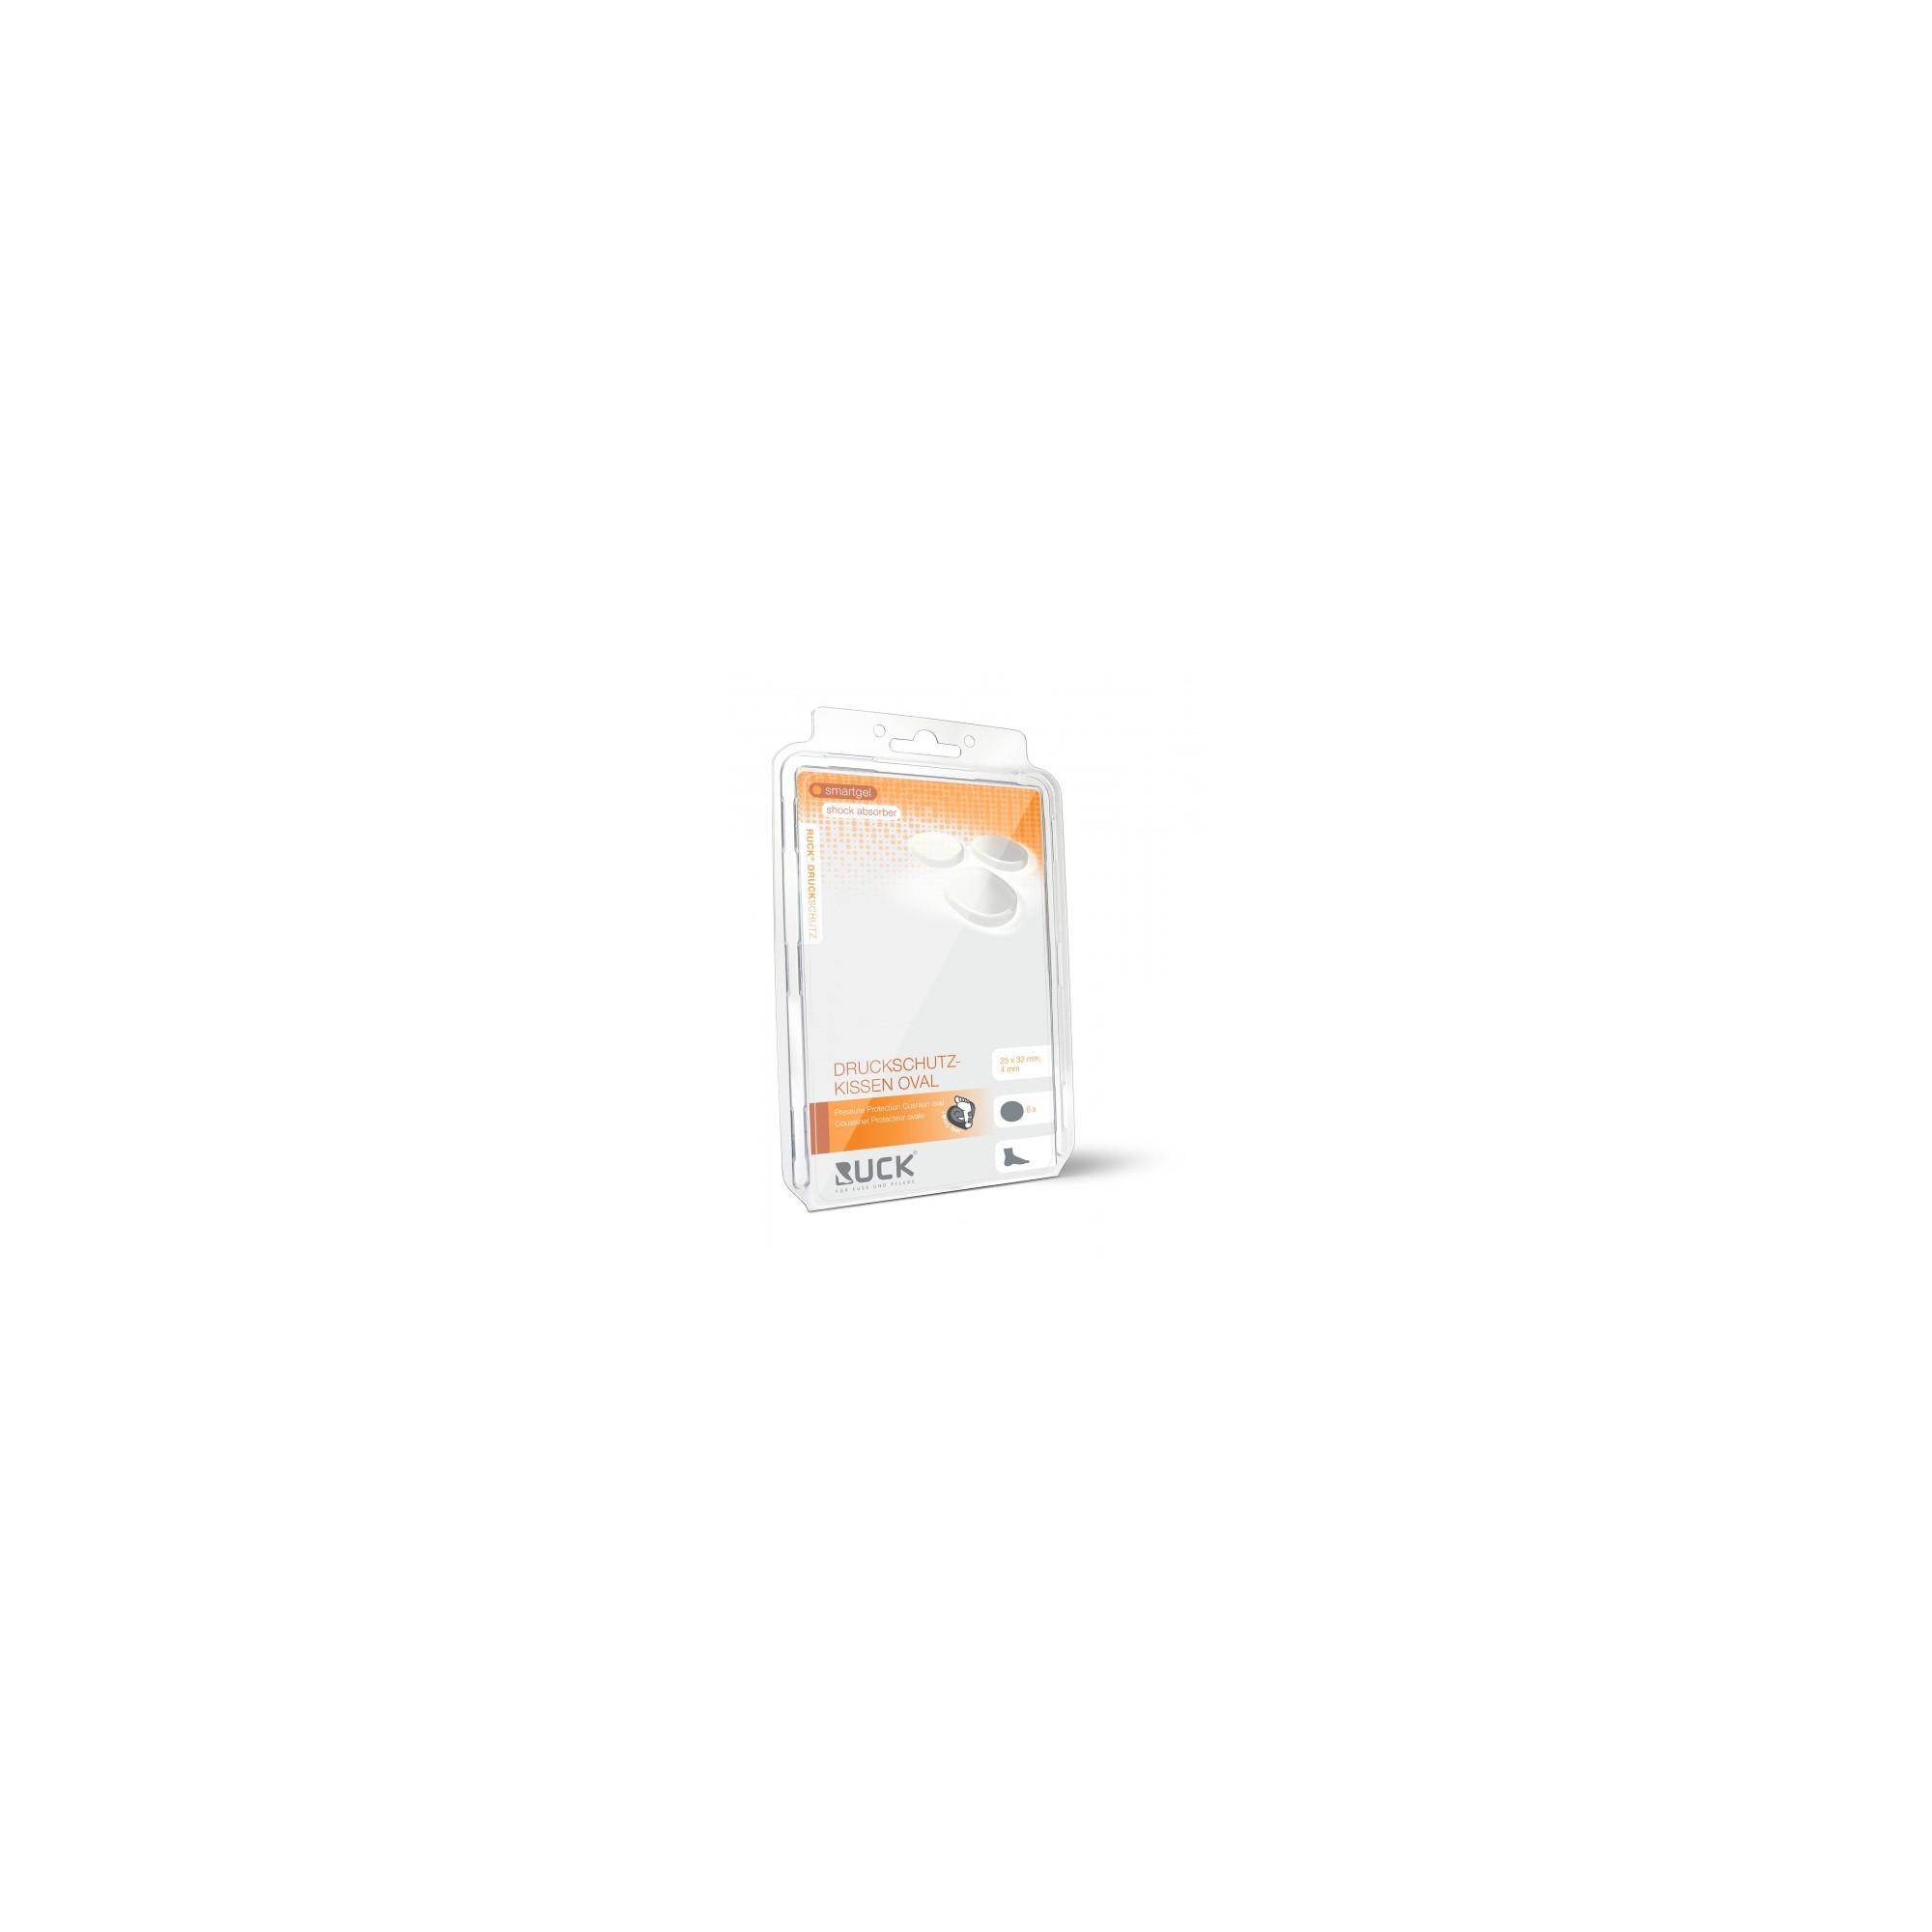 Protection plaque smartgel auto-adhésive - forme ovale - 6 pièces